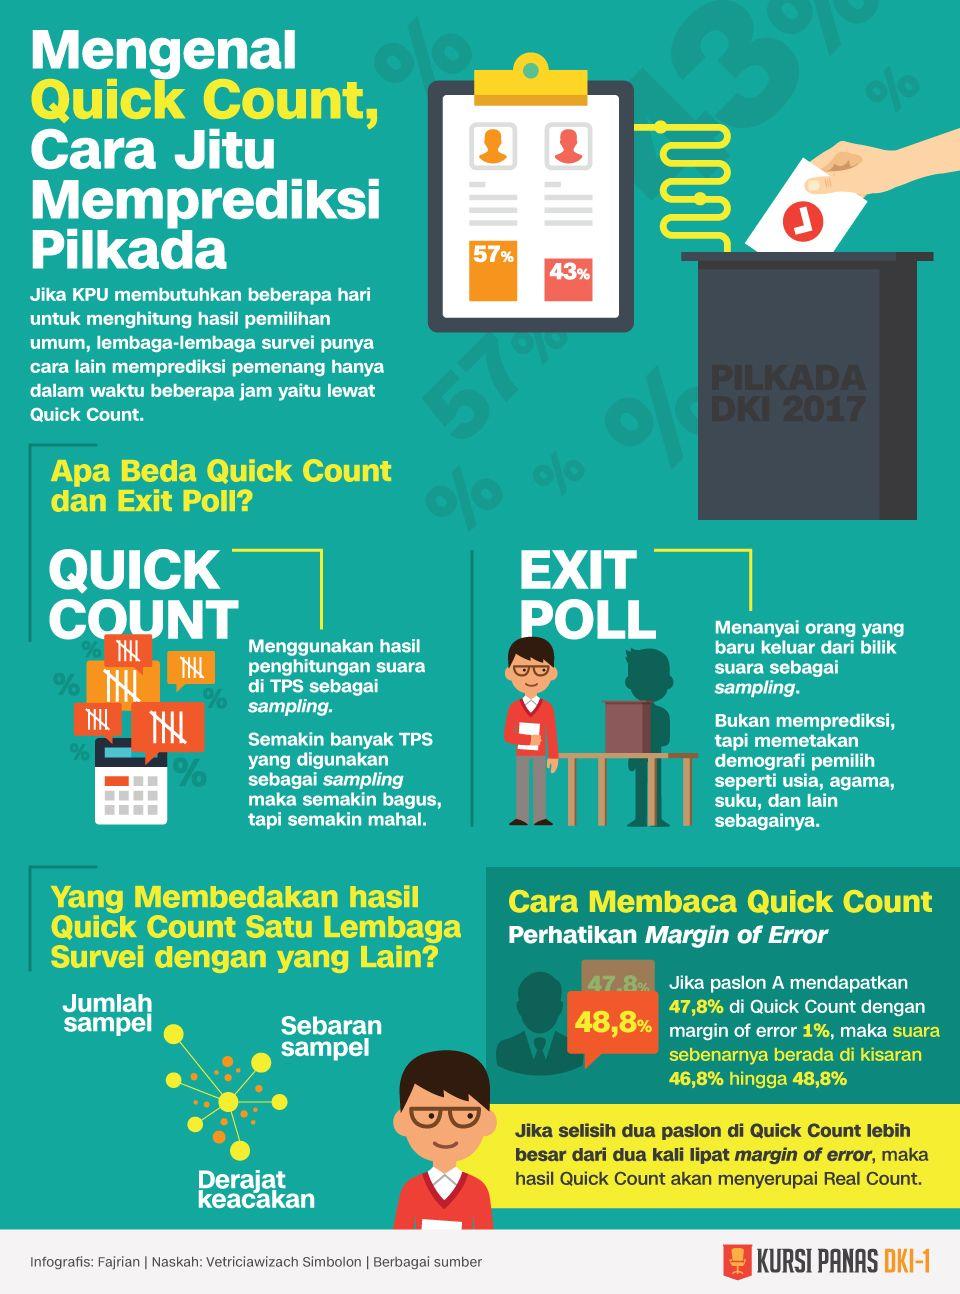 Infografis Mengenal Quick Count, Cara Jitu Memprediksi Pilkada